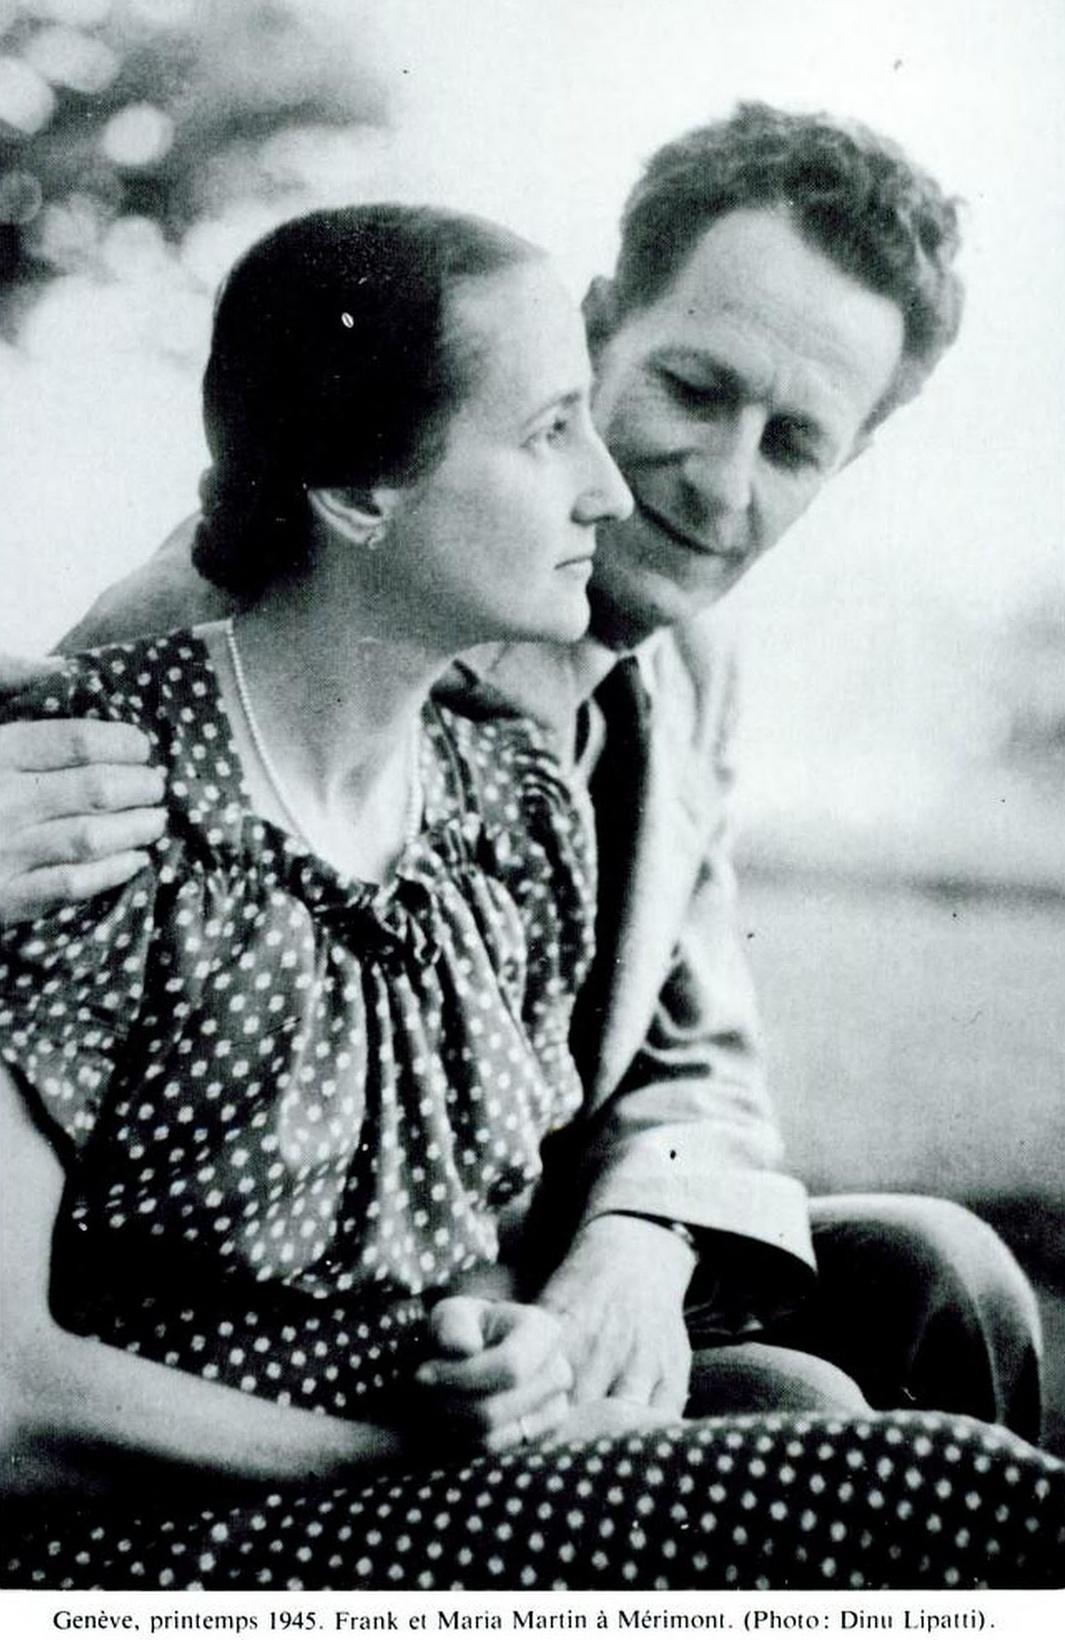 Maria et Frank MARTN, 1945, Cliquer sur la photo pour une vue agrandie et les références